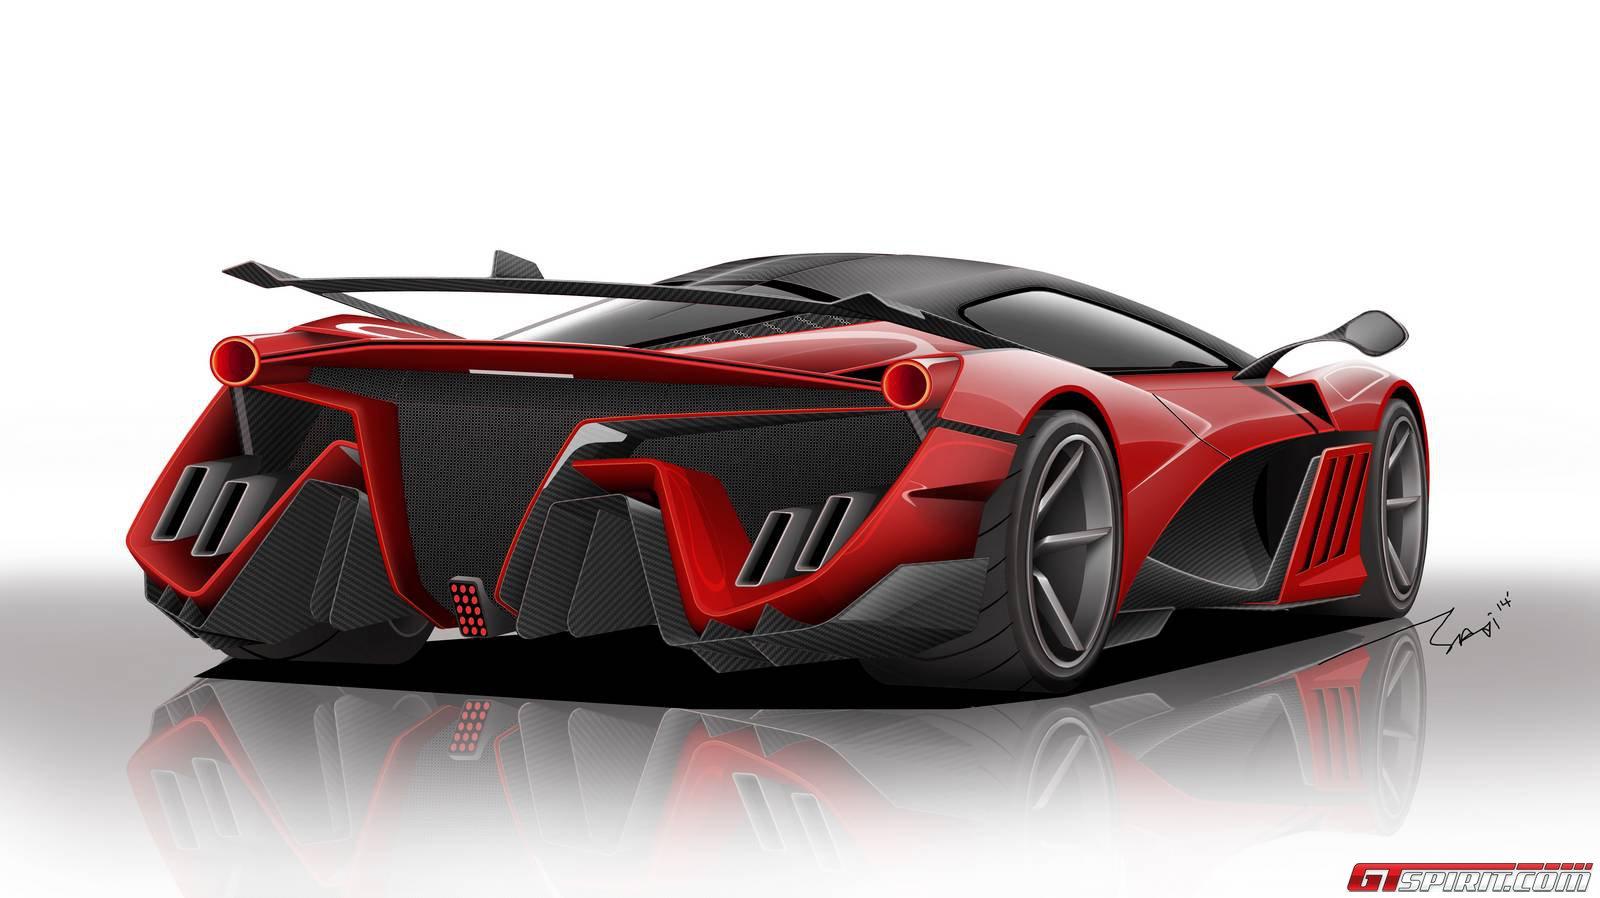 Render: Ferrari Vision Concept